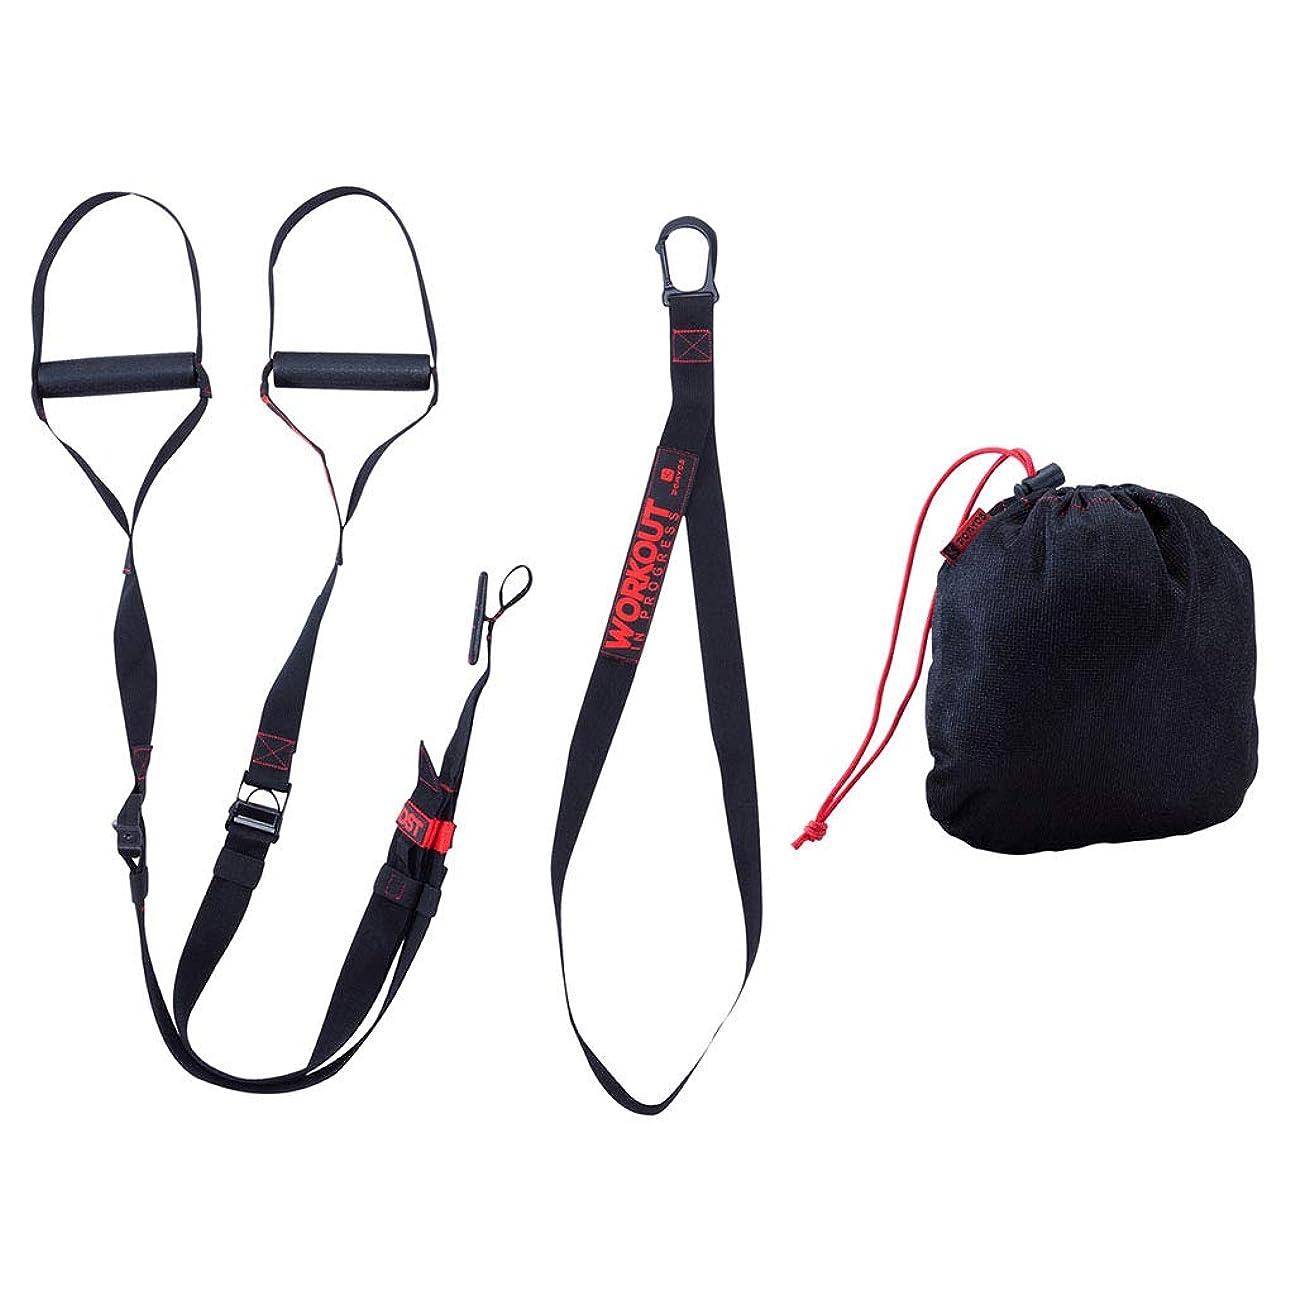 火山学マットレス天才吊り訓練ベルトプルロープホームフィットネス弾力ベルト抵抗ベルト強度トレーニング (色 : 黒)